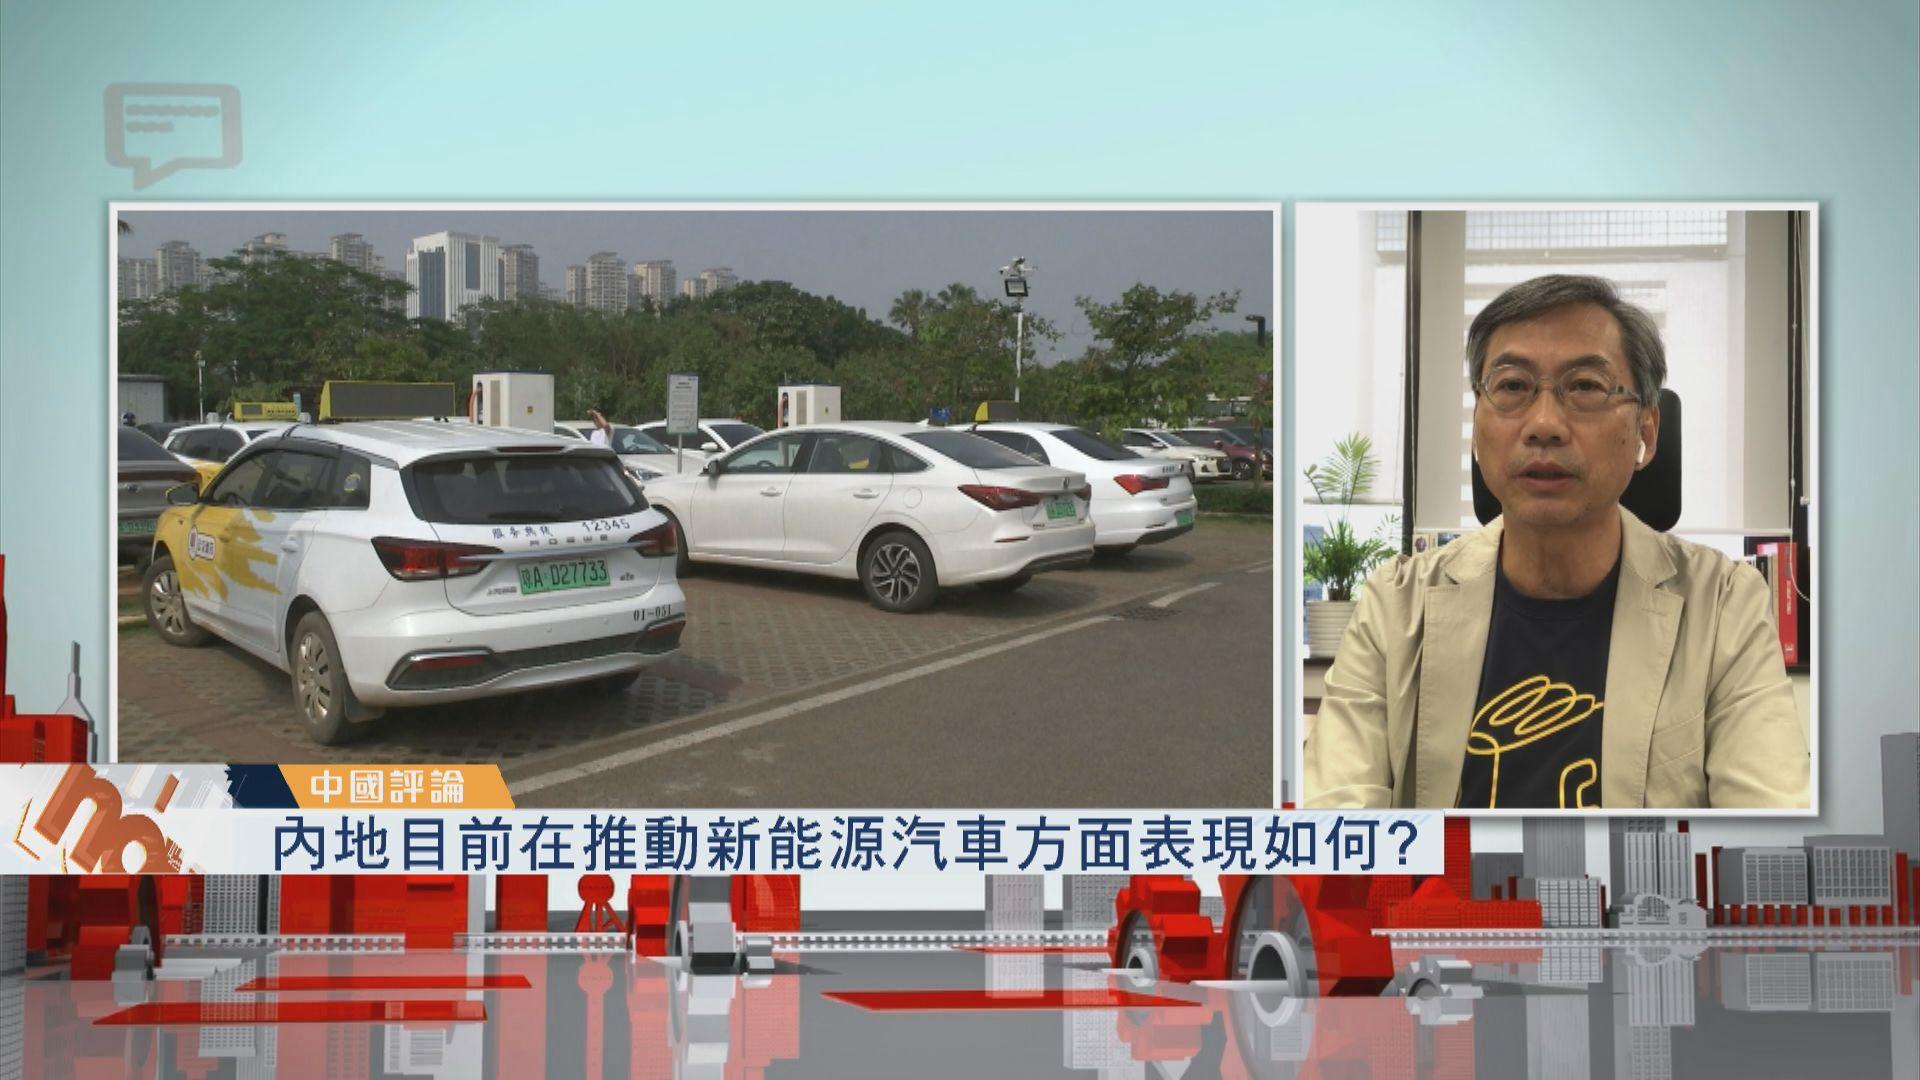 【中國評論】新能源汽車領域